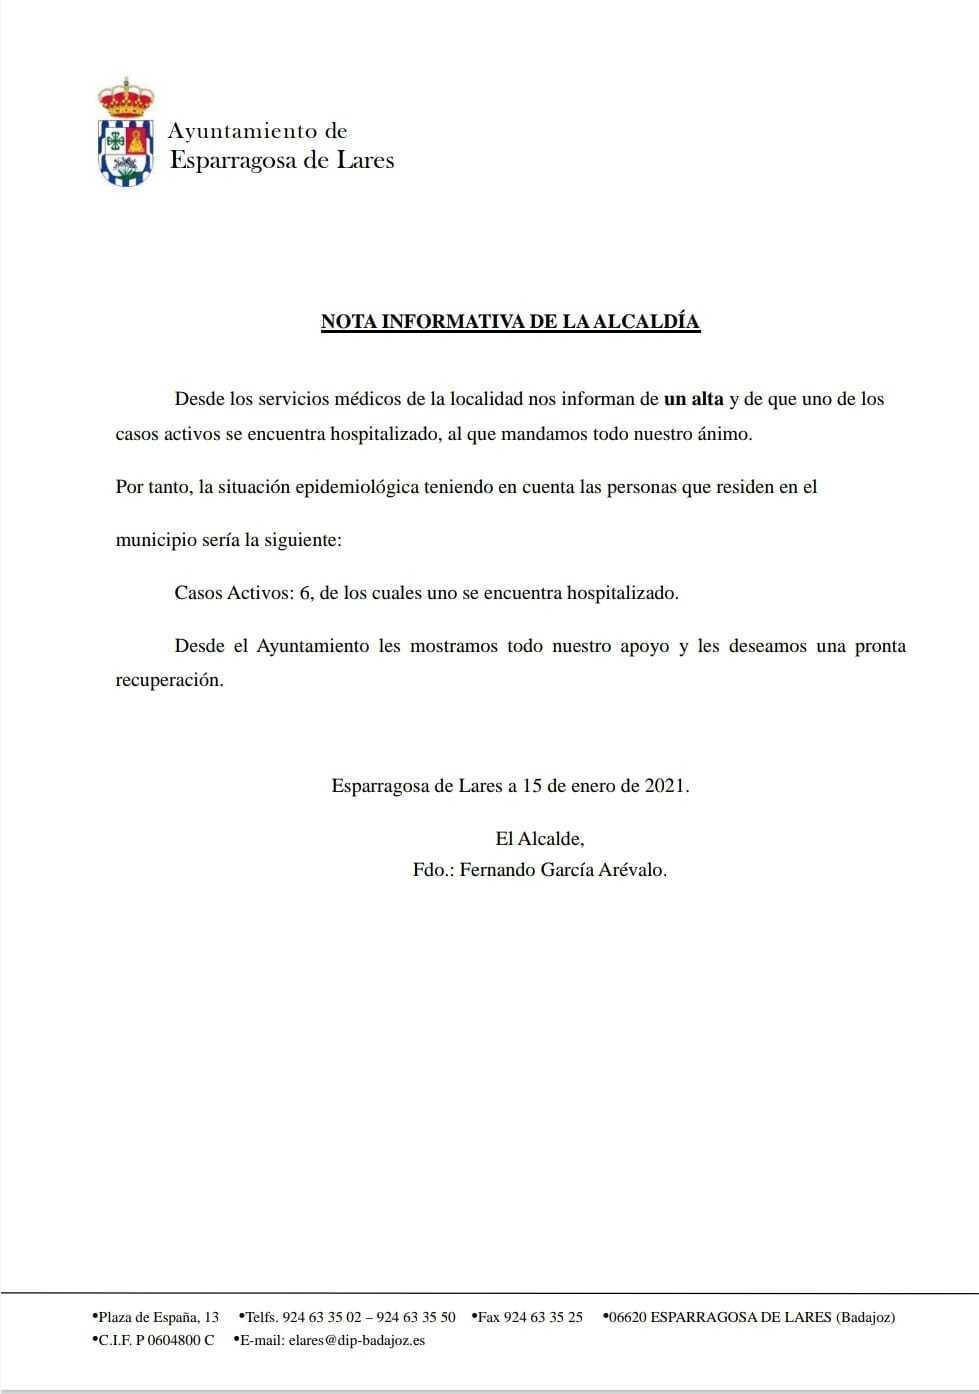 Un hospitalizado y un alta de COVID-19 (enero 2021) - Esparragosa de Lares (Badajoz)